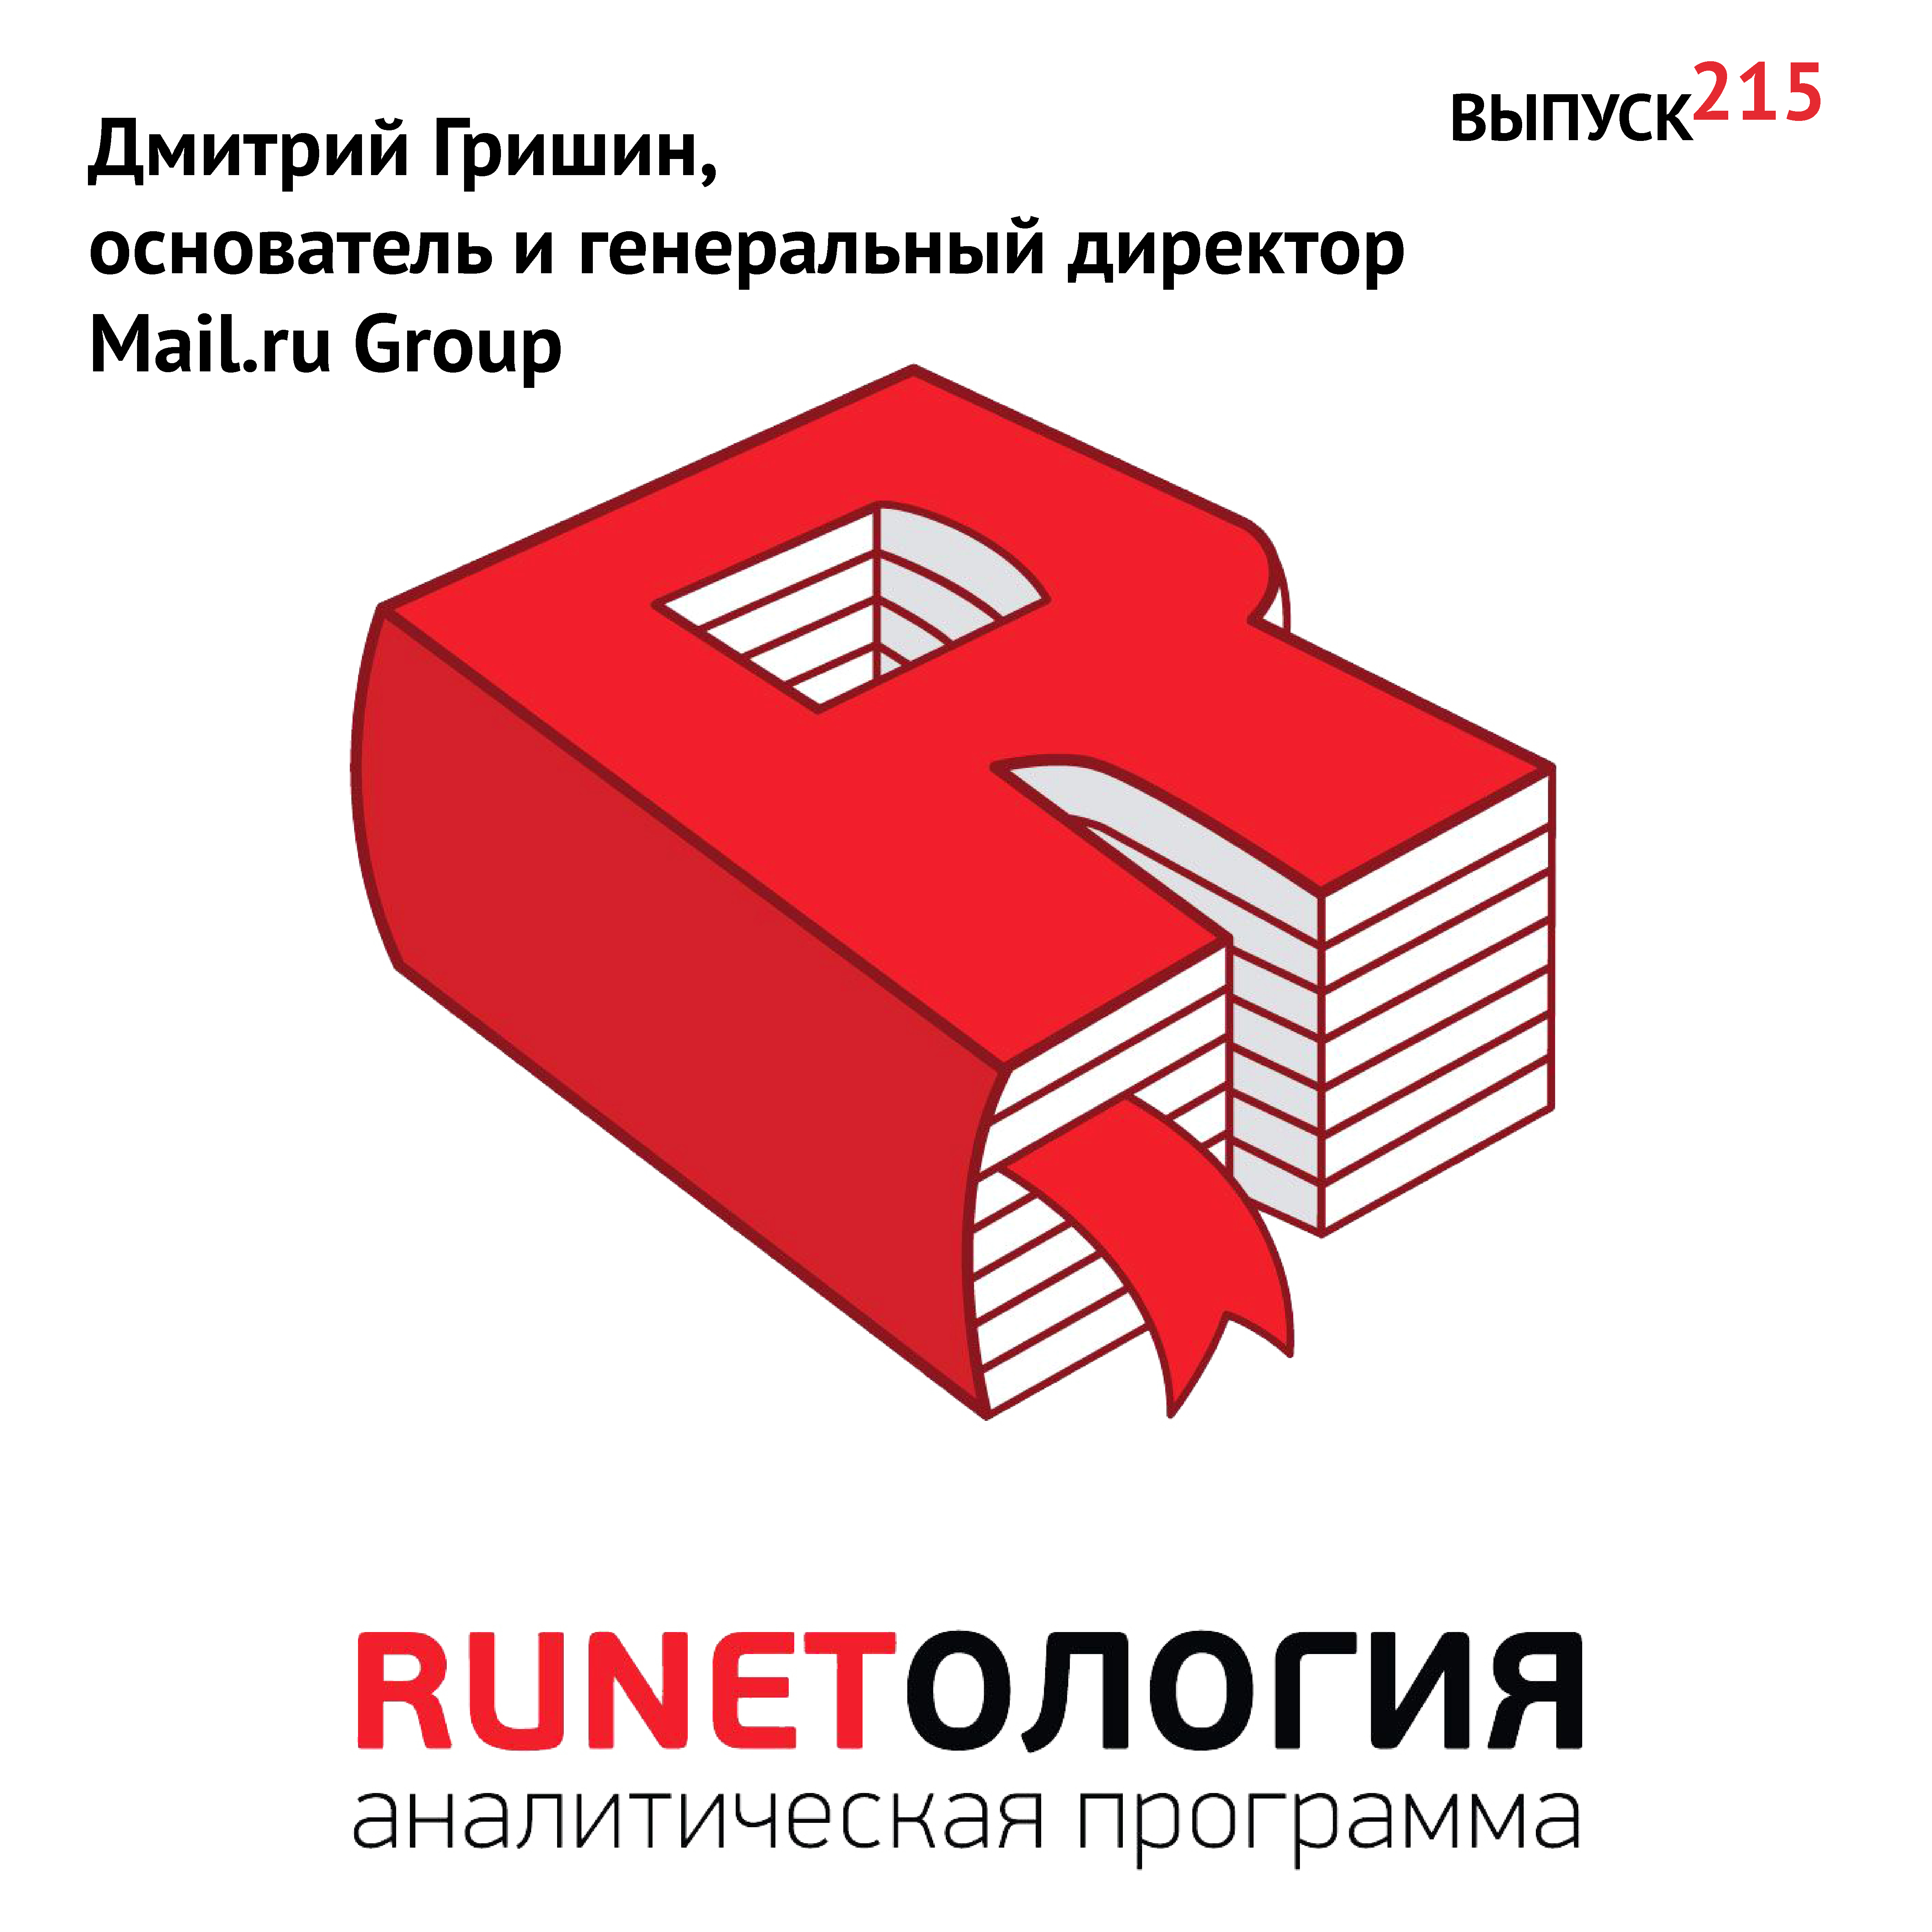 Максим Спиридонов Дмитрий Гришин, основатель и генеральный директор Mail.ru Group максим спиридонов дмитрий васильев основатель компании netcat